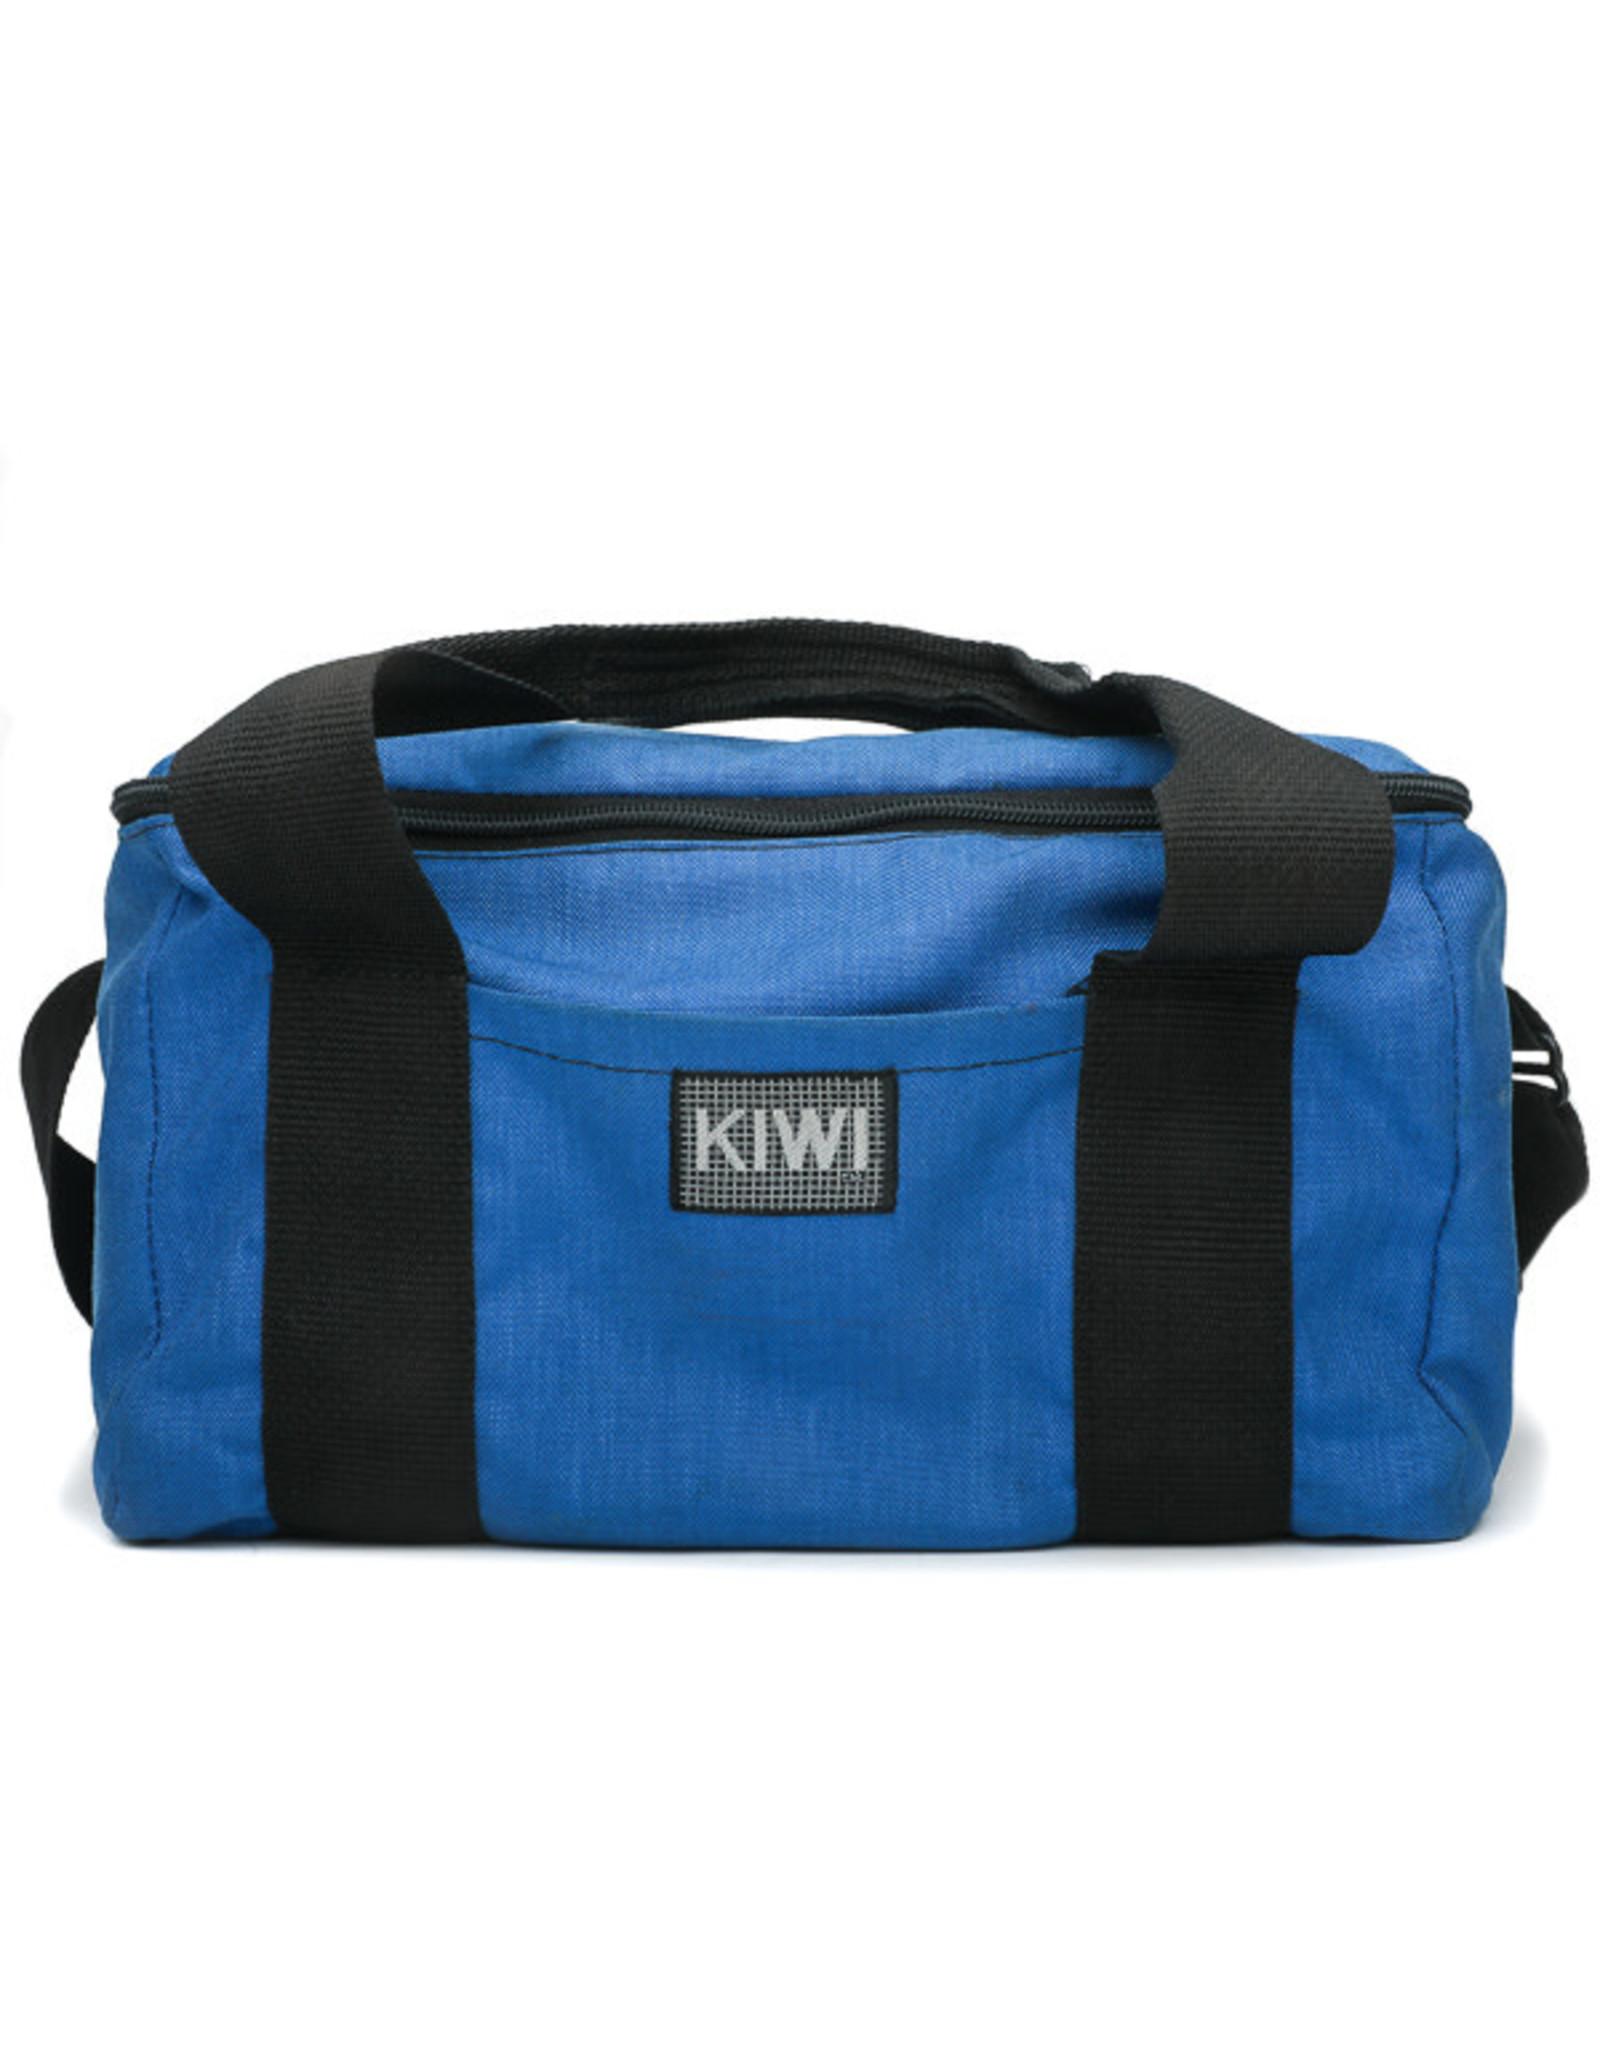 acme camera Kiwi Indigo Blue Camera Bag